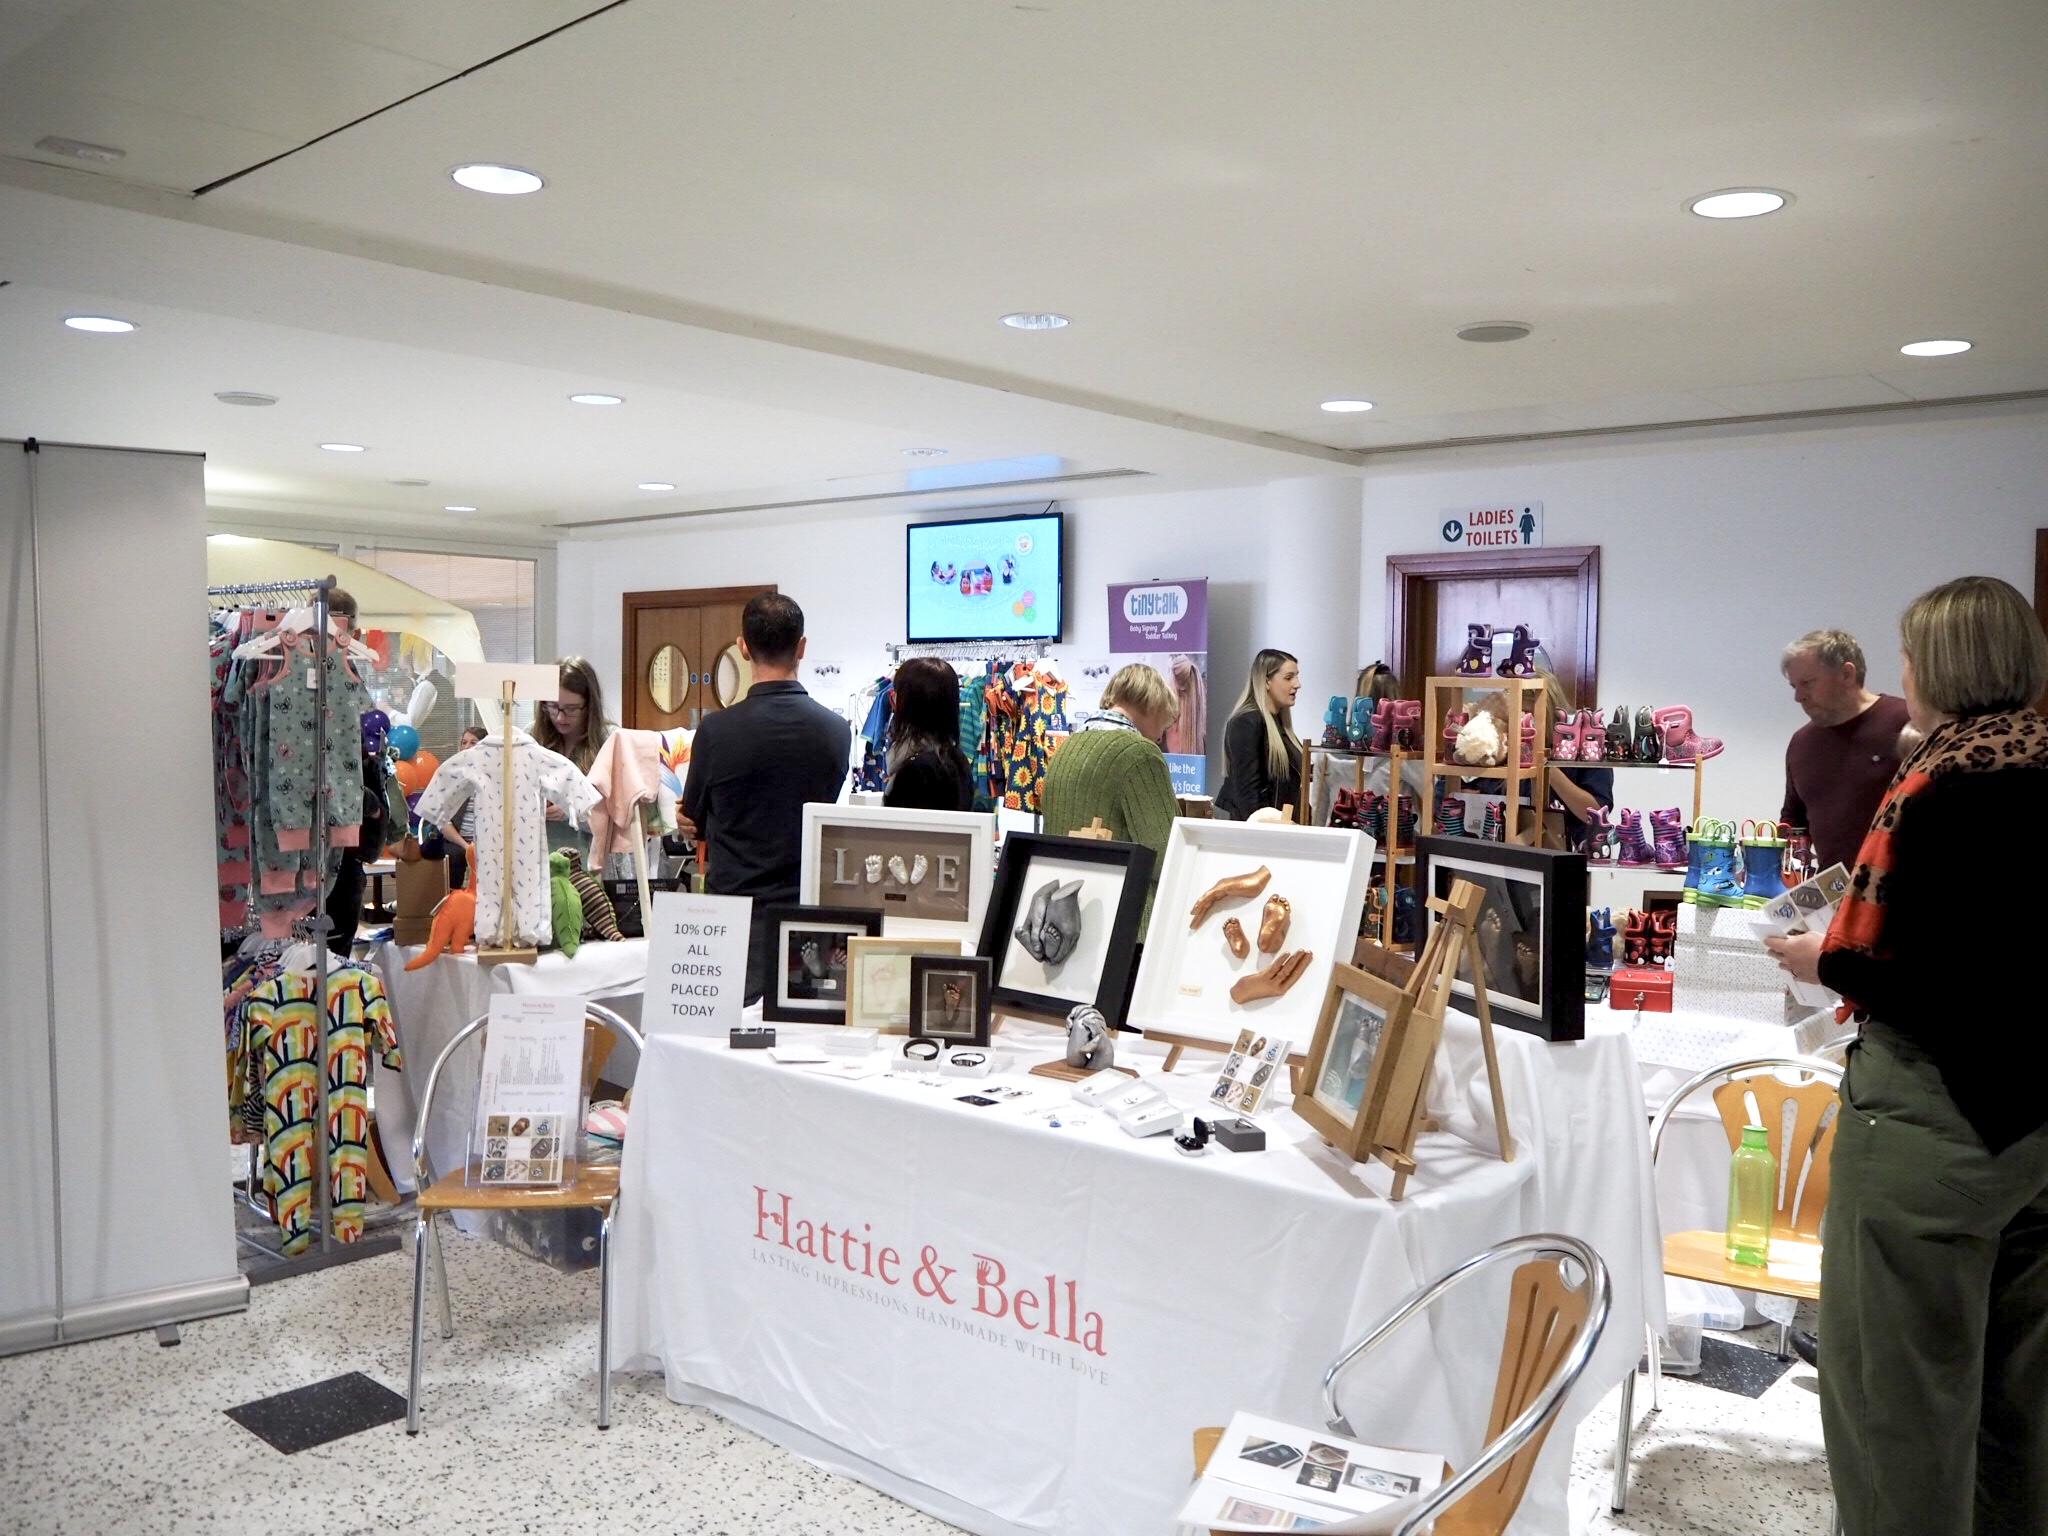 hattie bella york bump baby expo